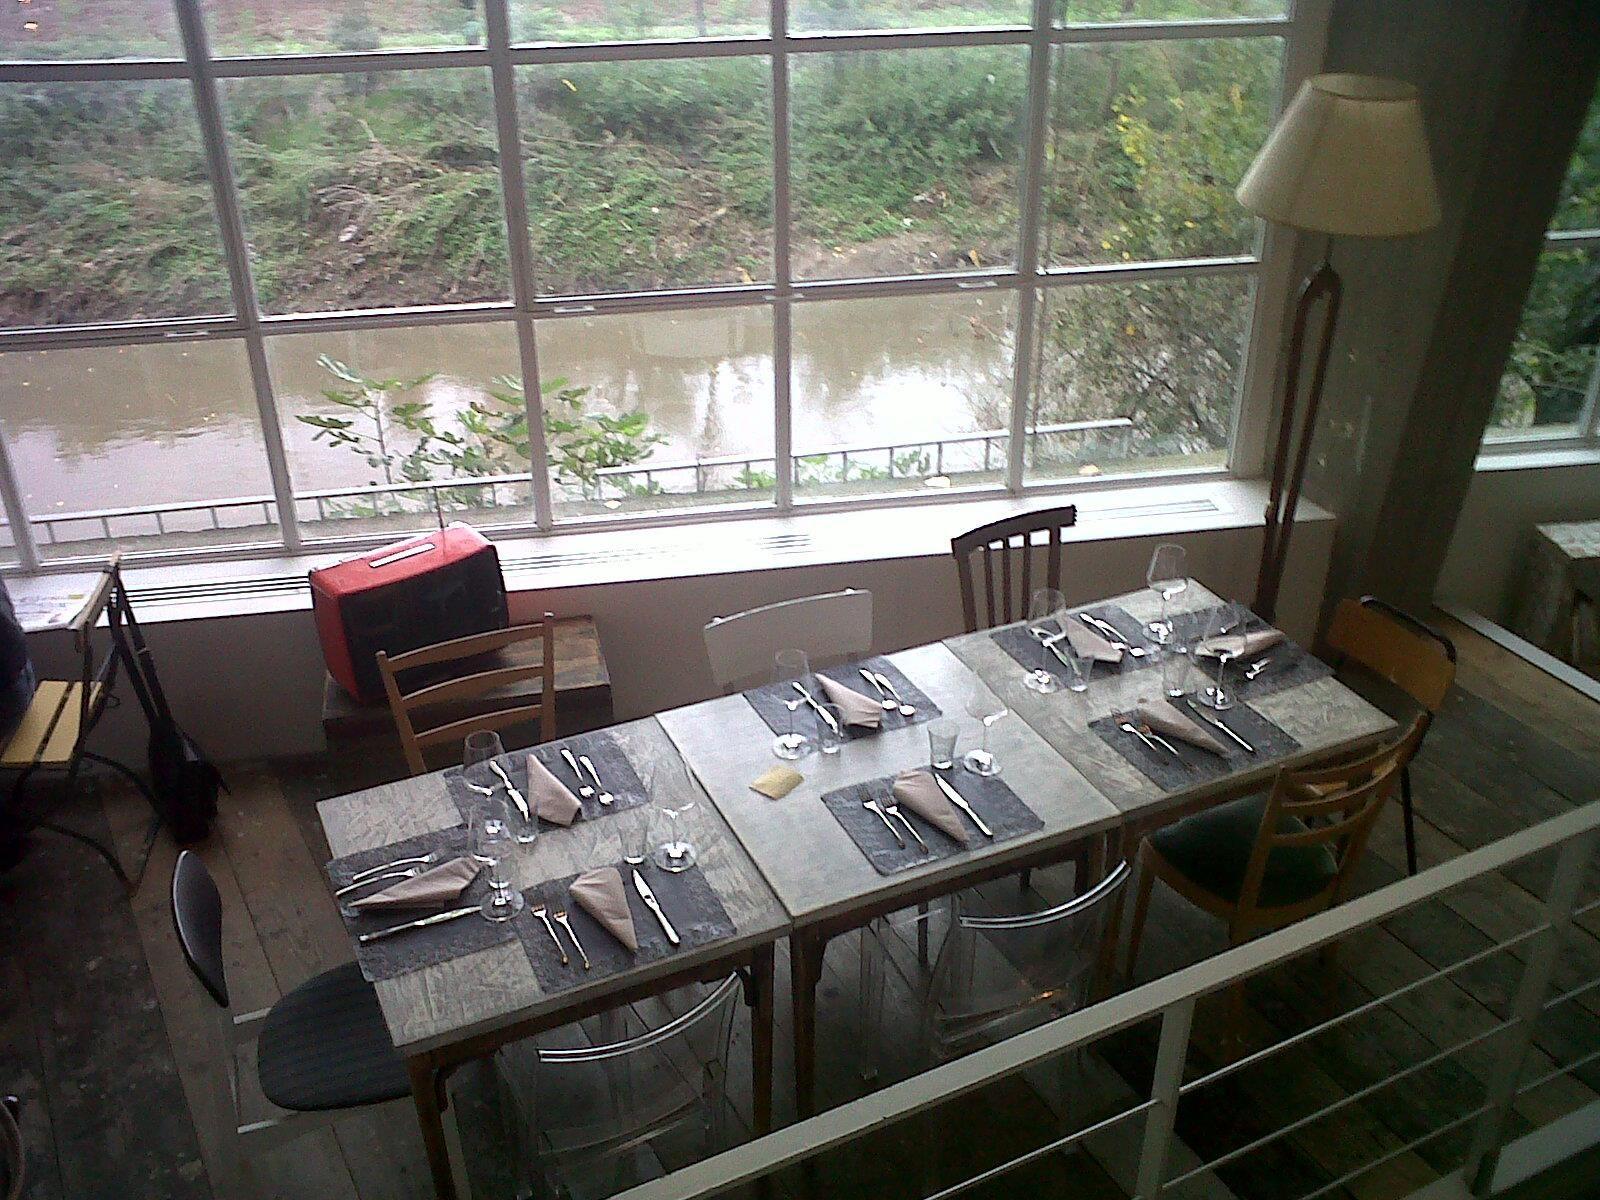 Mangiare e vivere a pietralata roma for Arredamento vintage roma